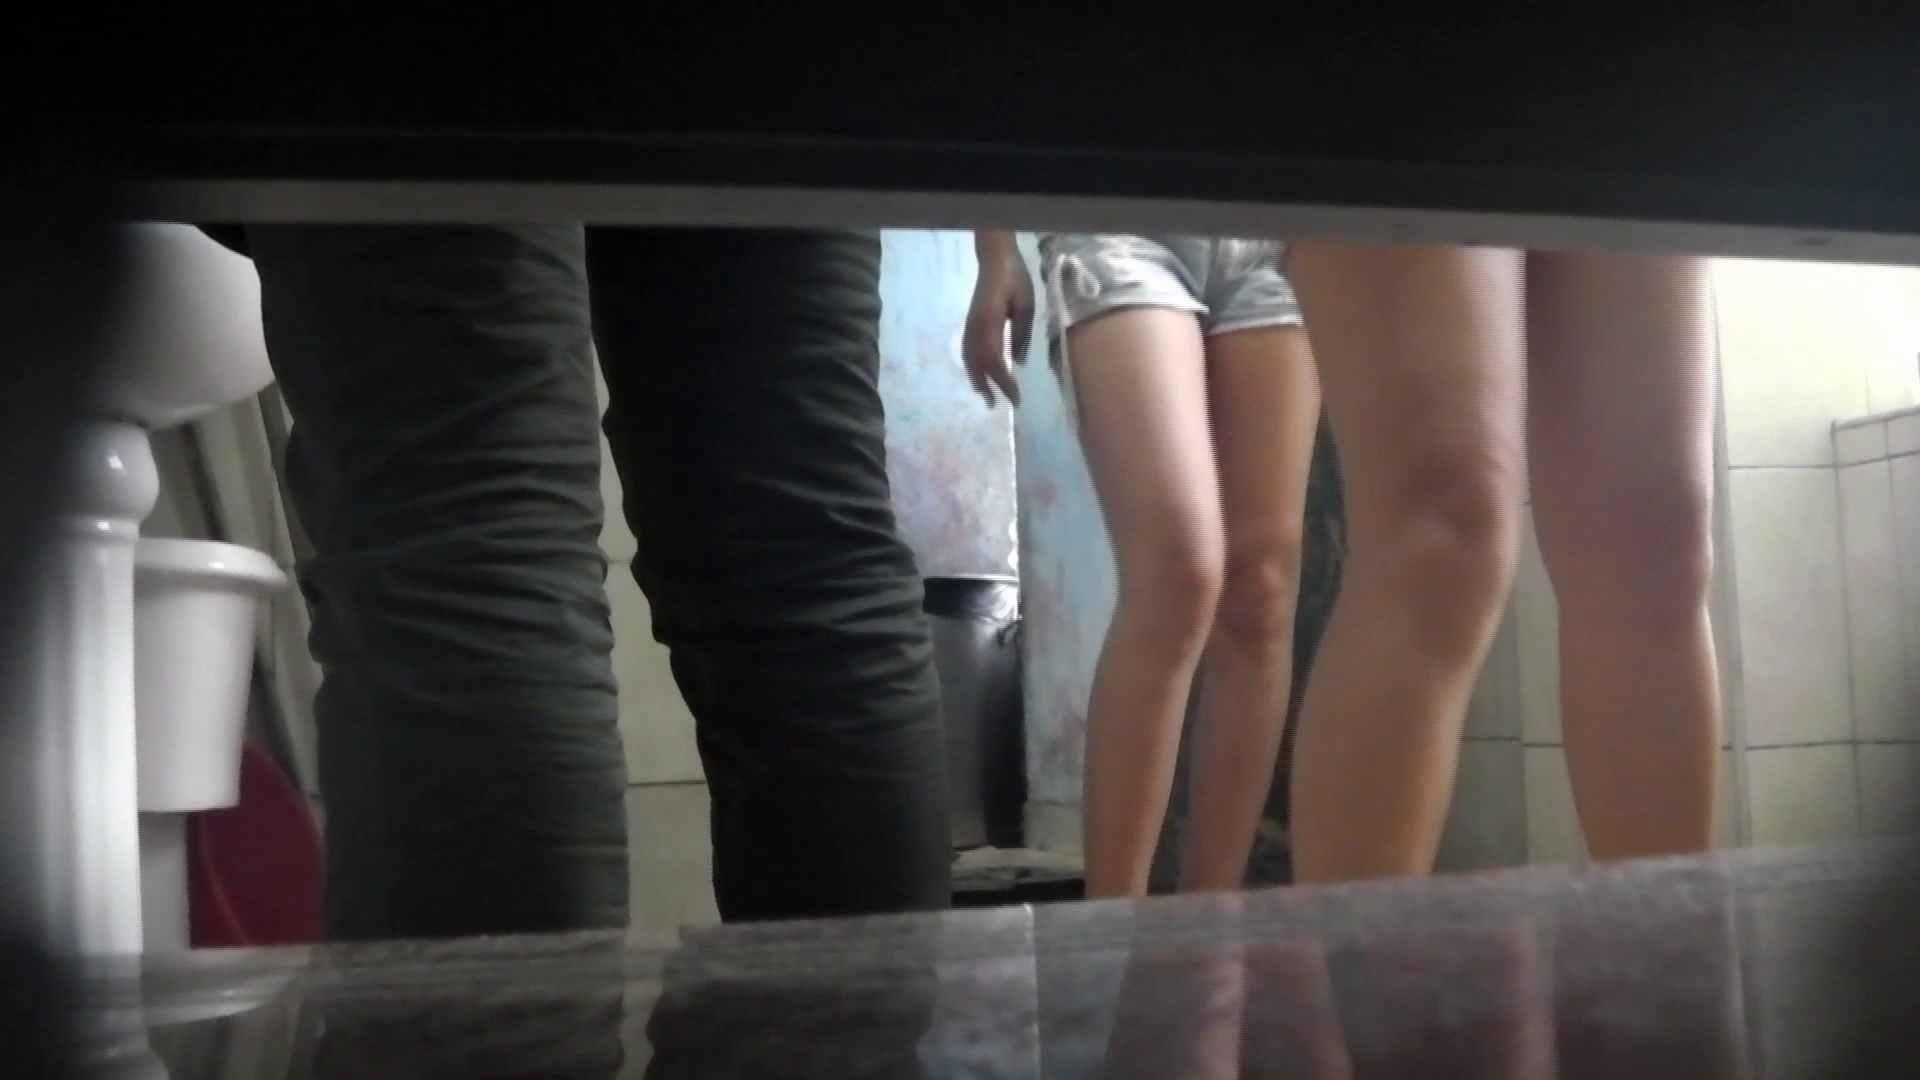 無料アダルト動画:ステーション編 vol46 美女のアップが盛りだくさん。:怪盗ジョーカー